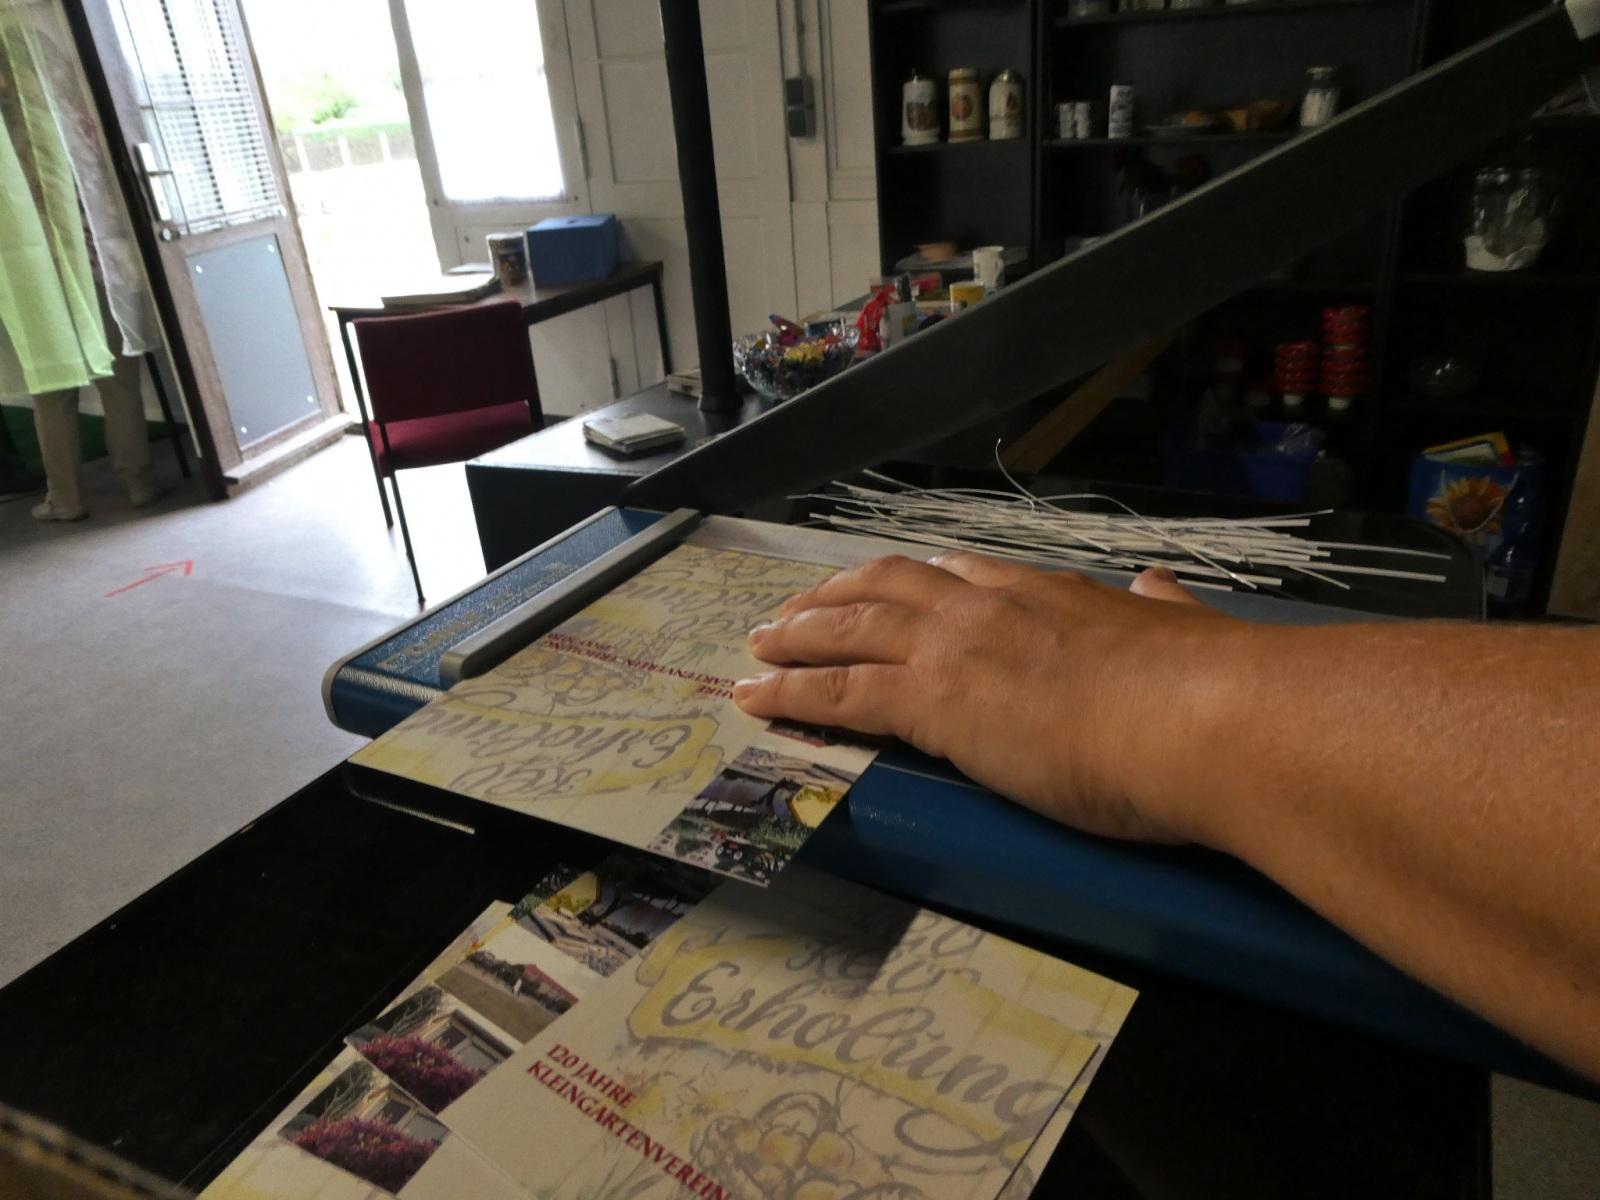 Postkartenschnitt